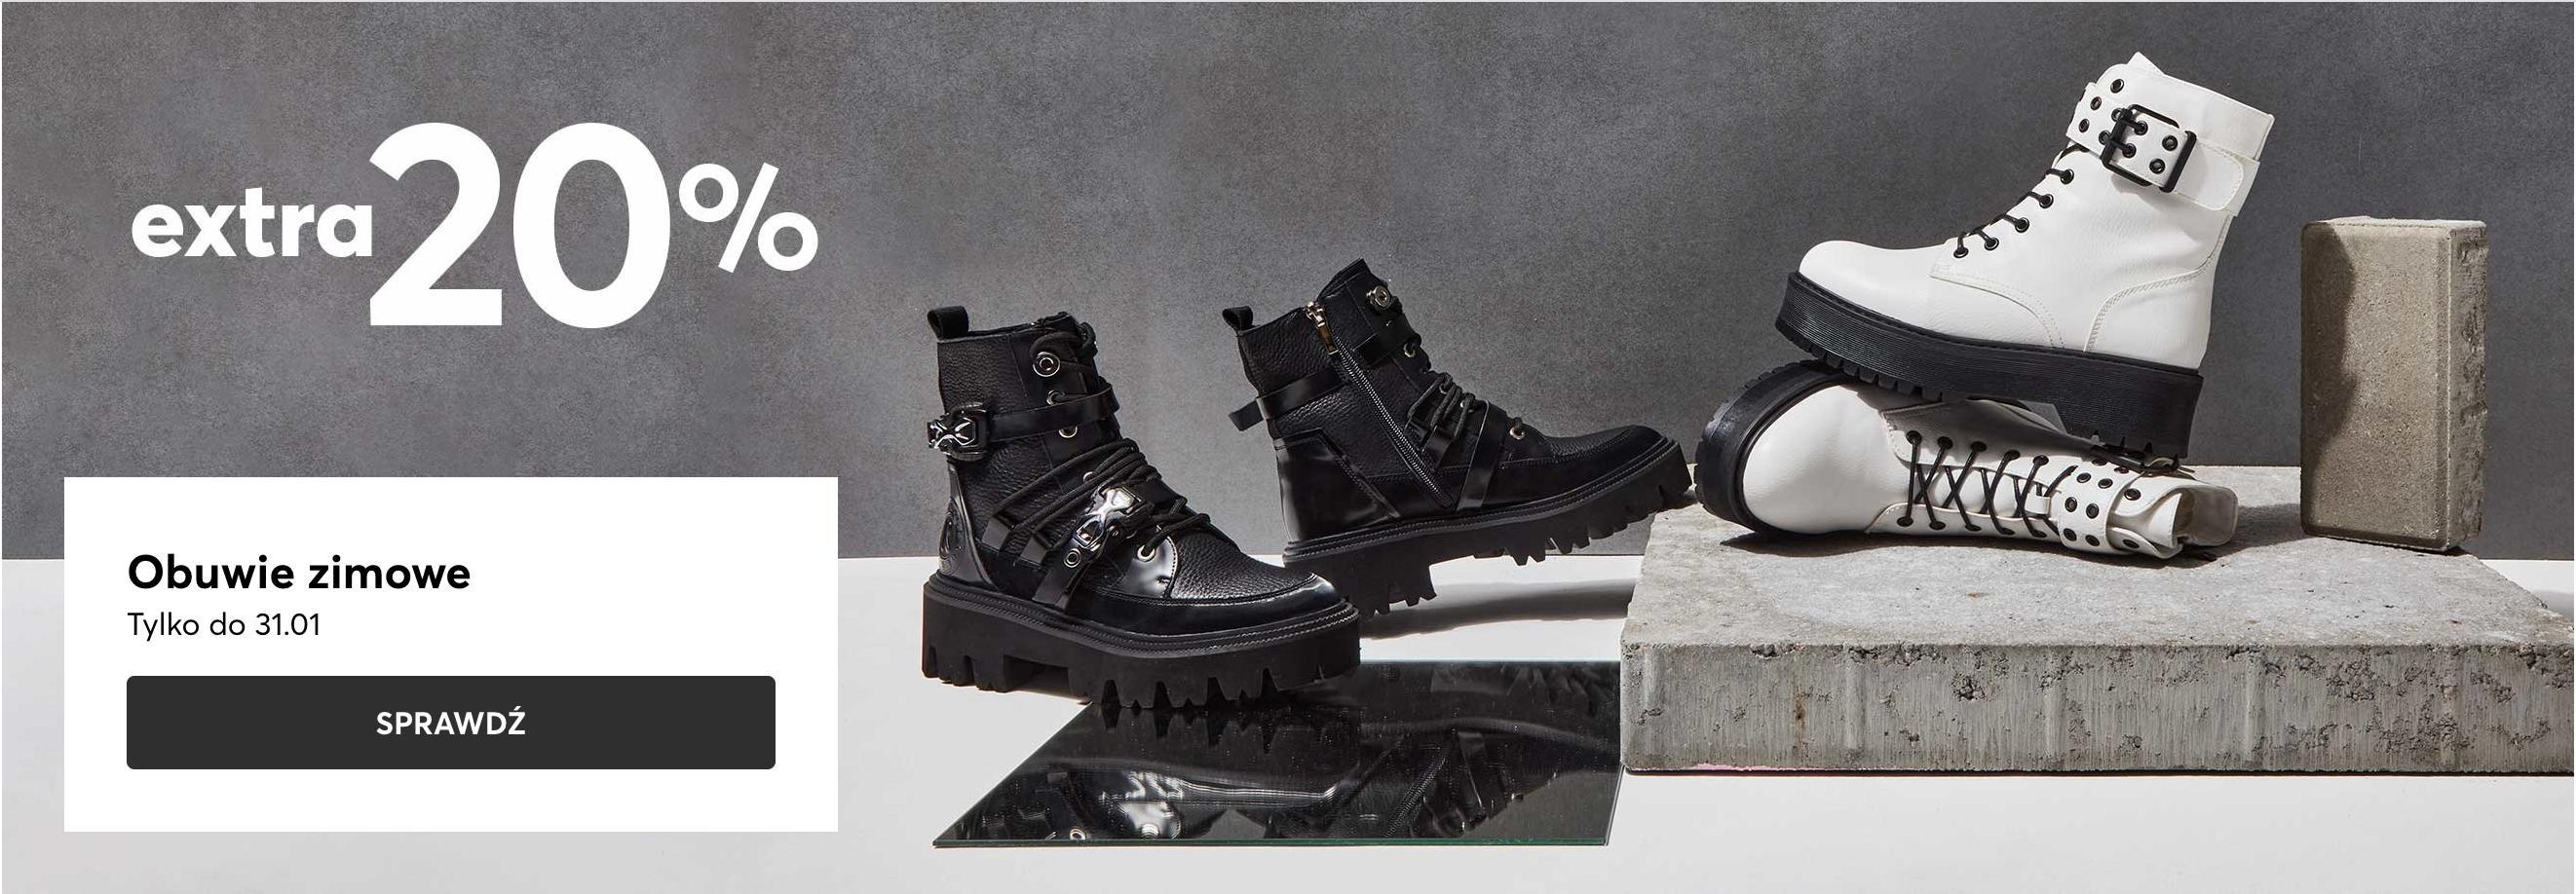 Eobuwie: extra 20% zniżki na obuwie zimowe